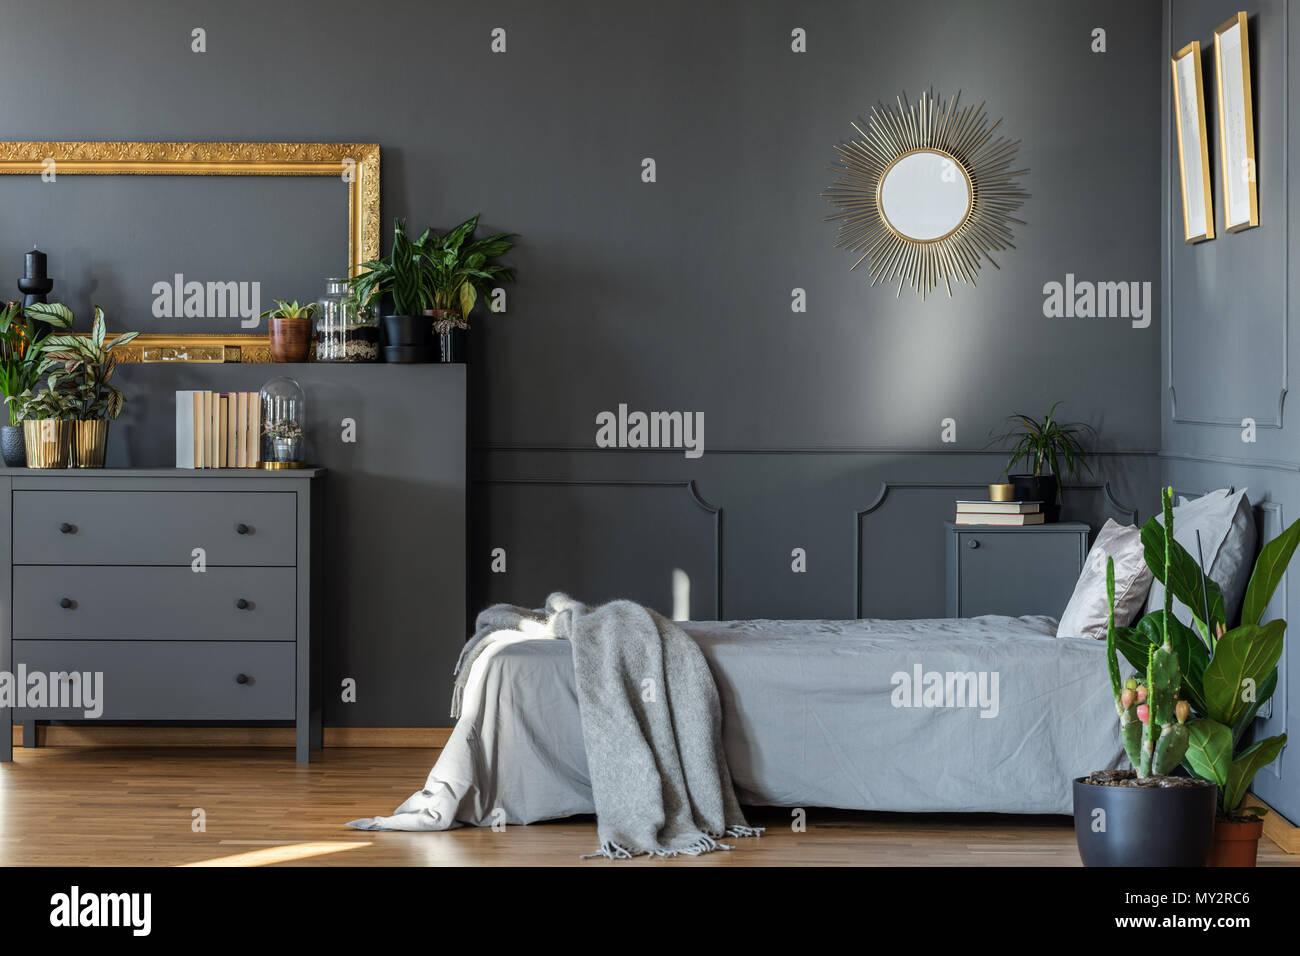 Dekorative Spiegel An Der Wand Hängen In Dunkelgrau Schlafzimmer Innenraum  Mit Frischen Pflanzen Und Bücher über Holzschrank